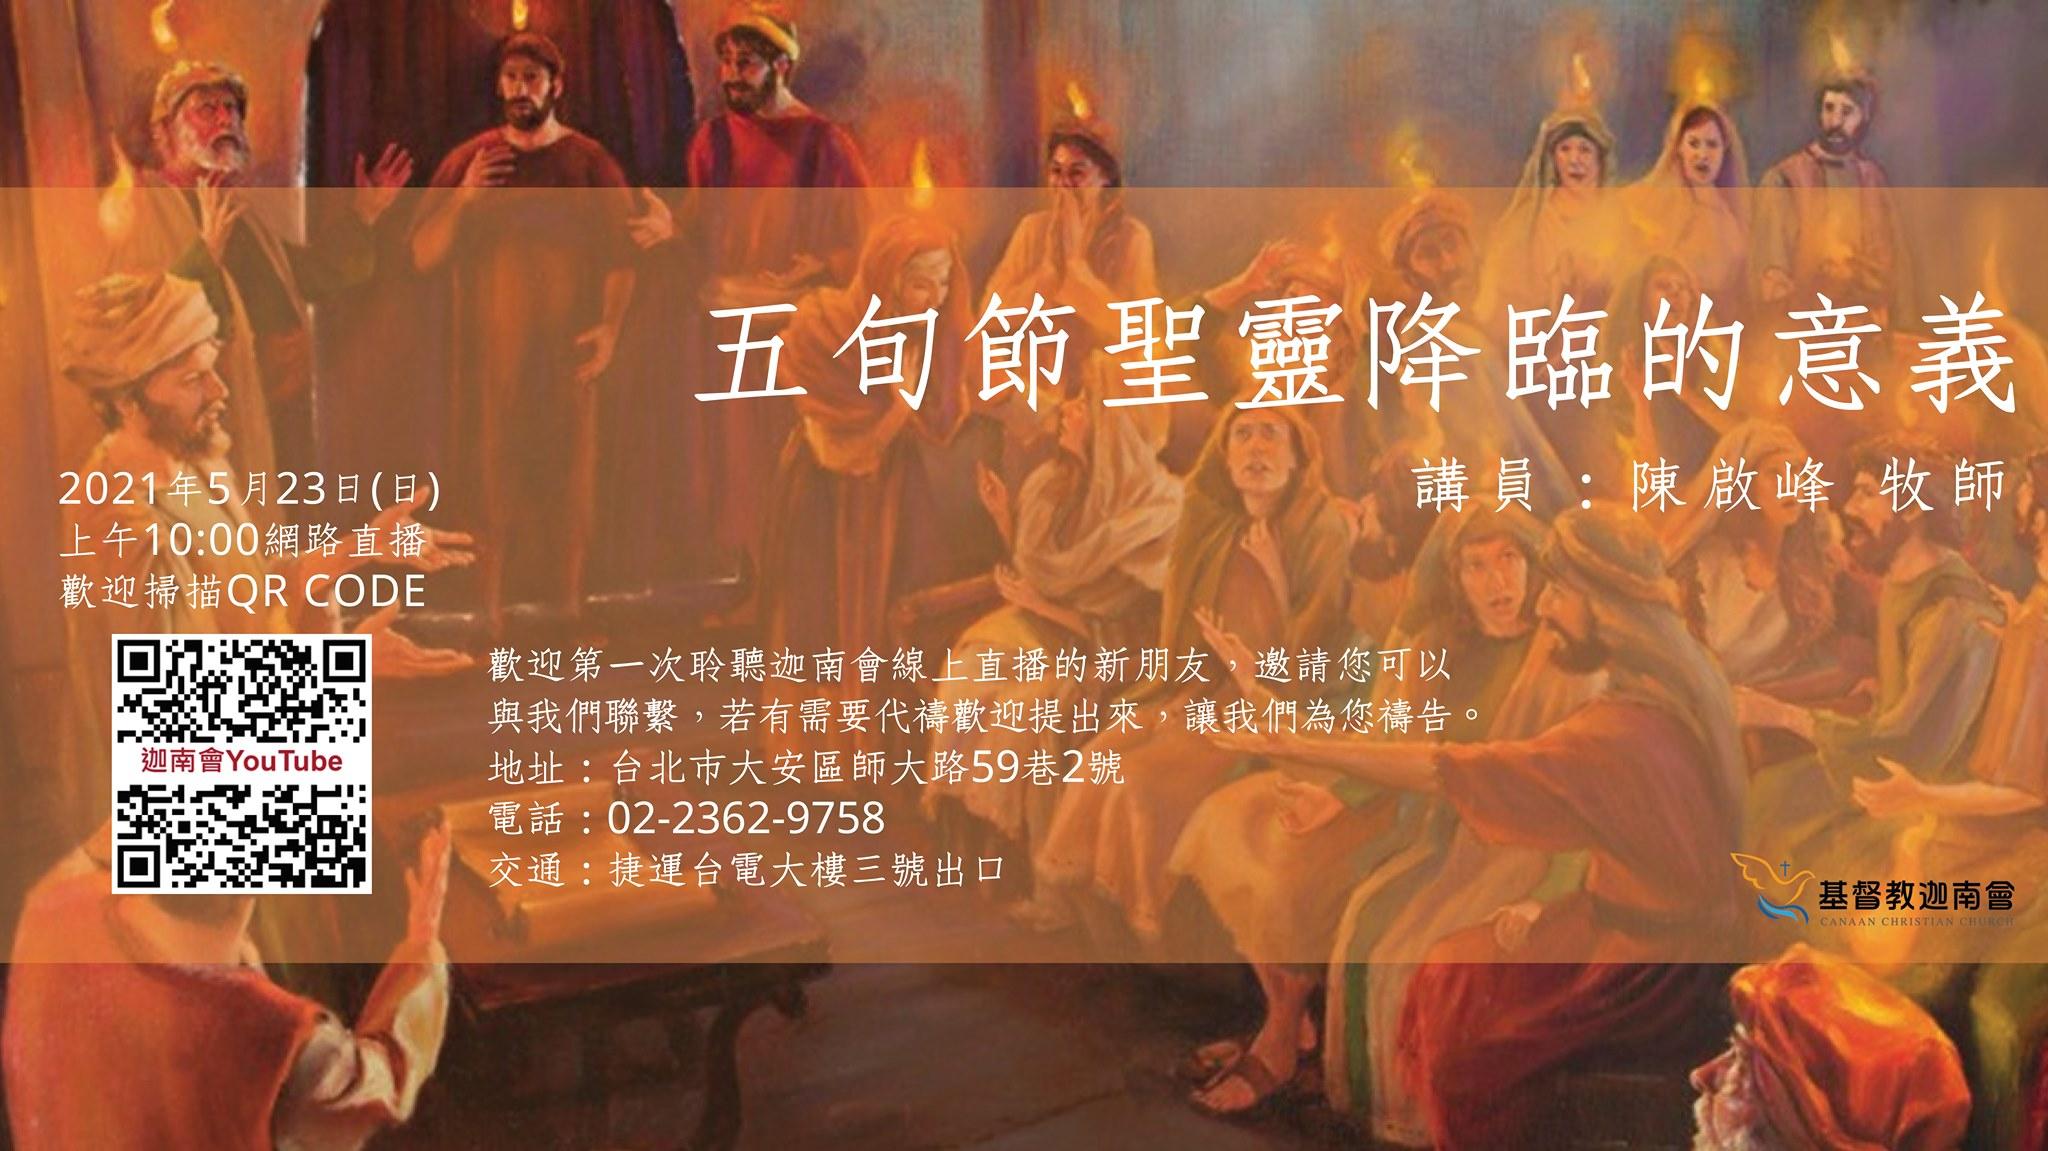 20210523-陳啟峰牧師-聖靈降臨的意義